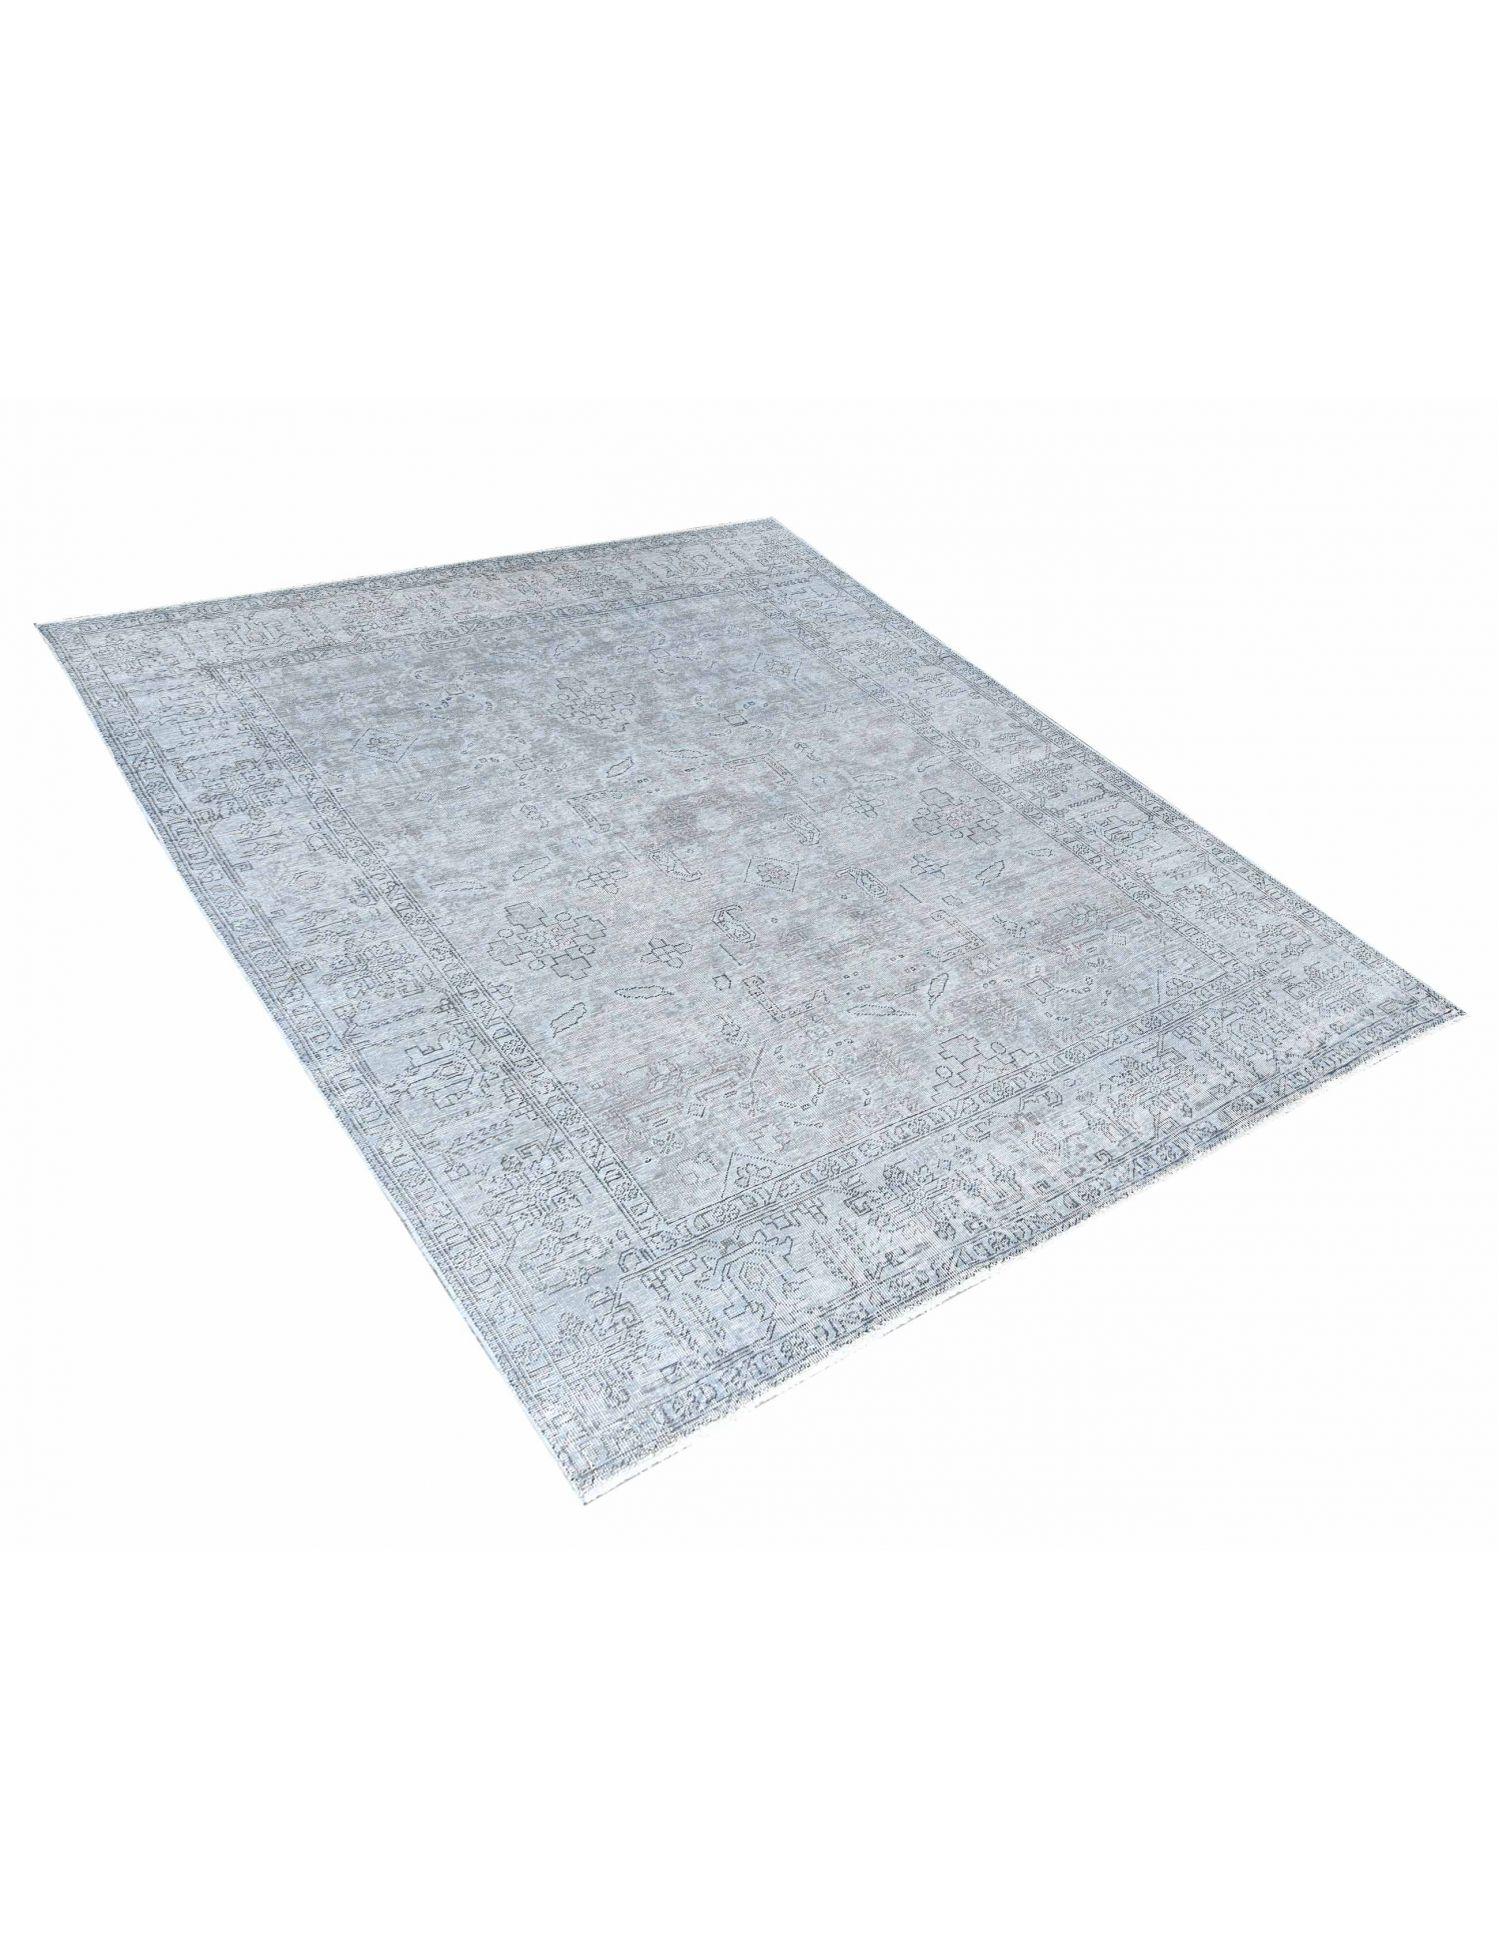 Persian Vintage Carpet  blue <br/>281 x 199 cm